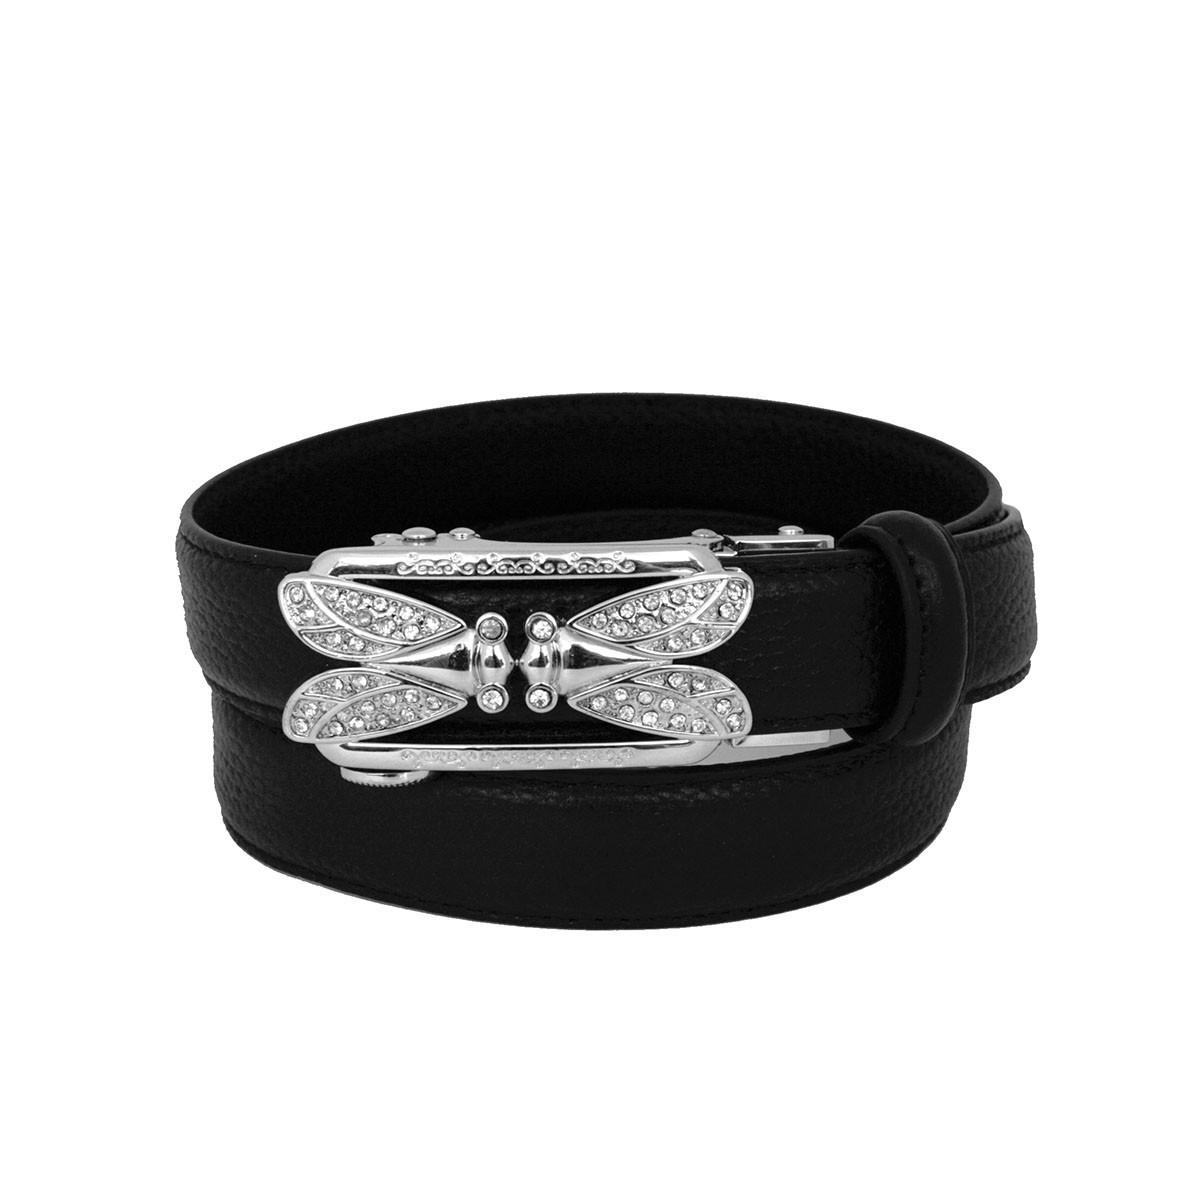 ceinture femme en cuir pleine fleur noire avec boucle automatique